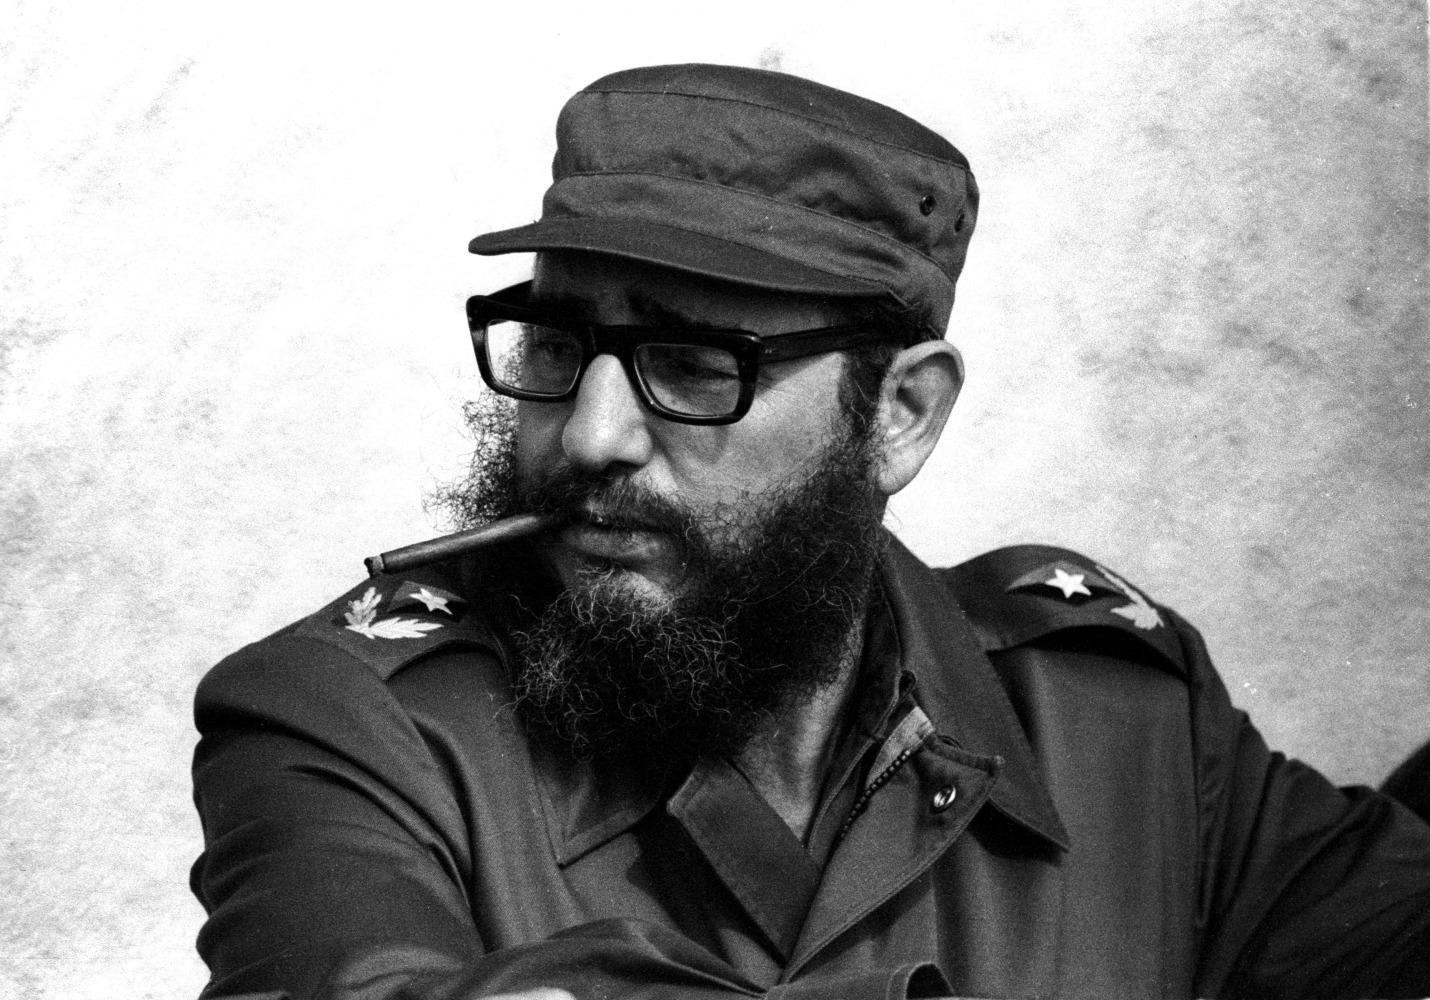 Image fidel castro in 1976